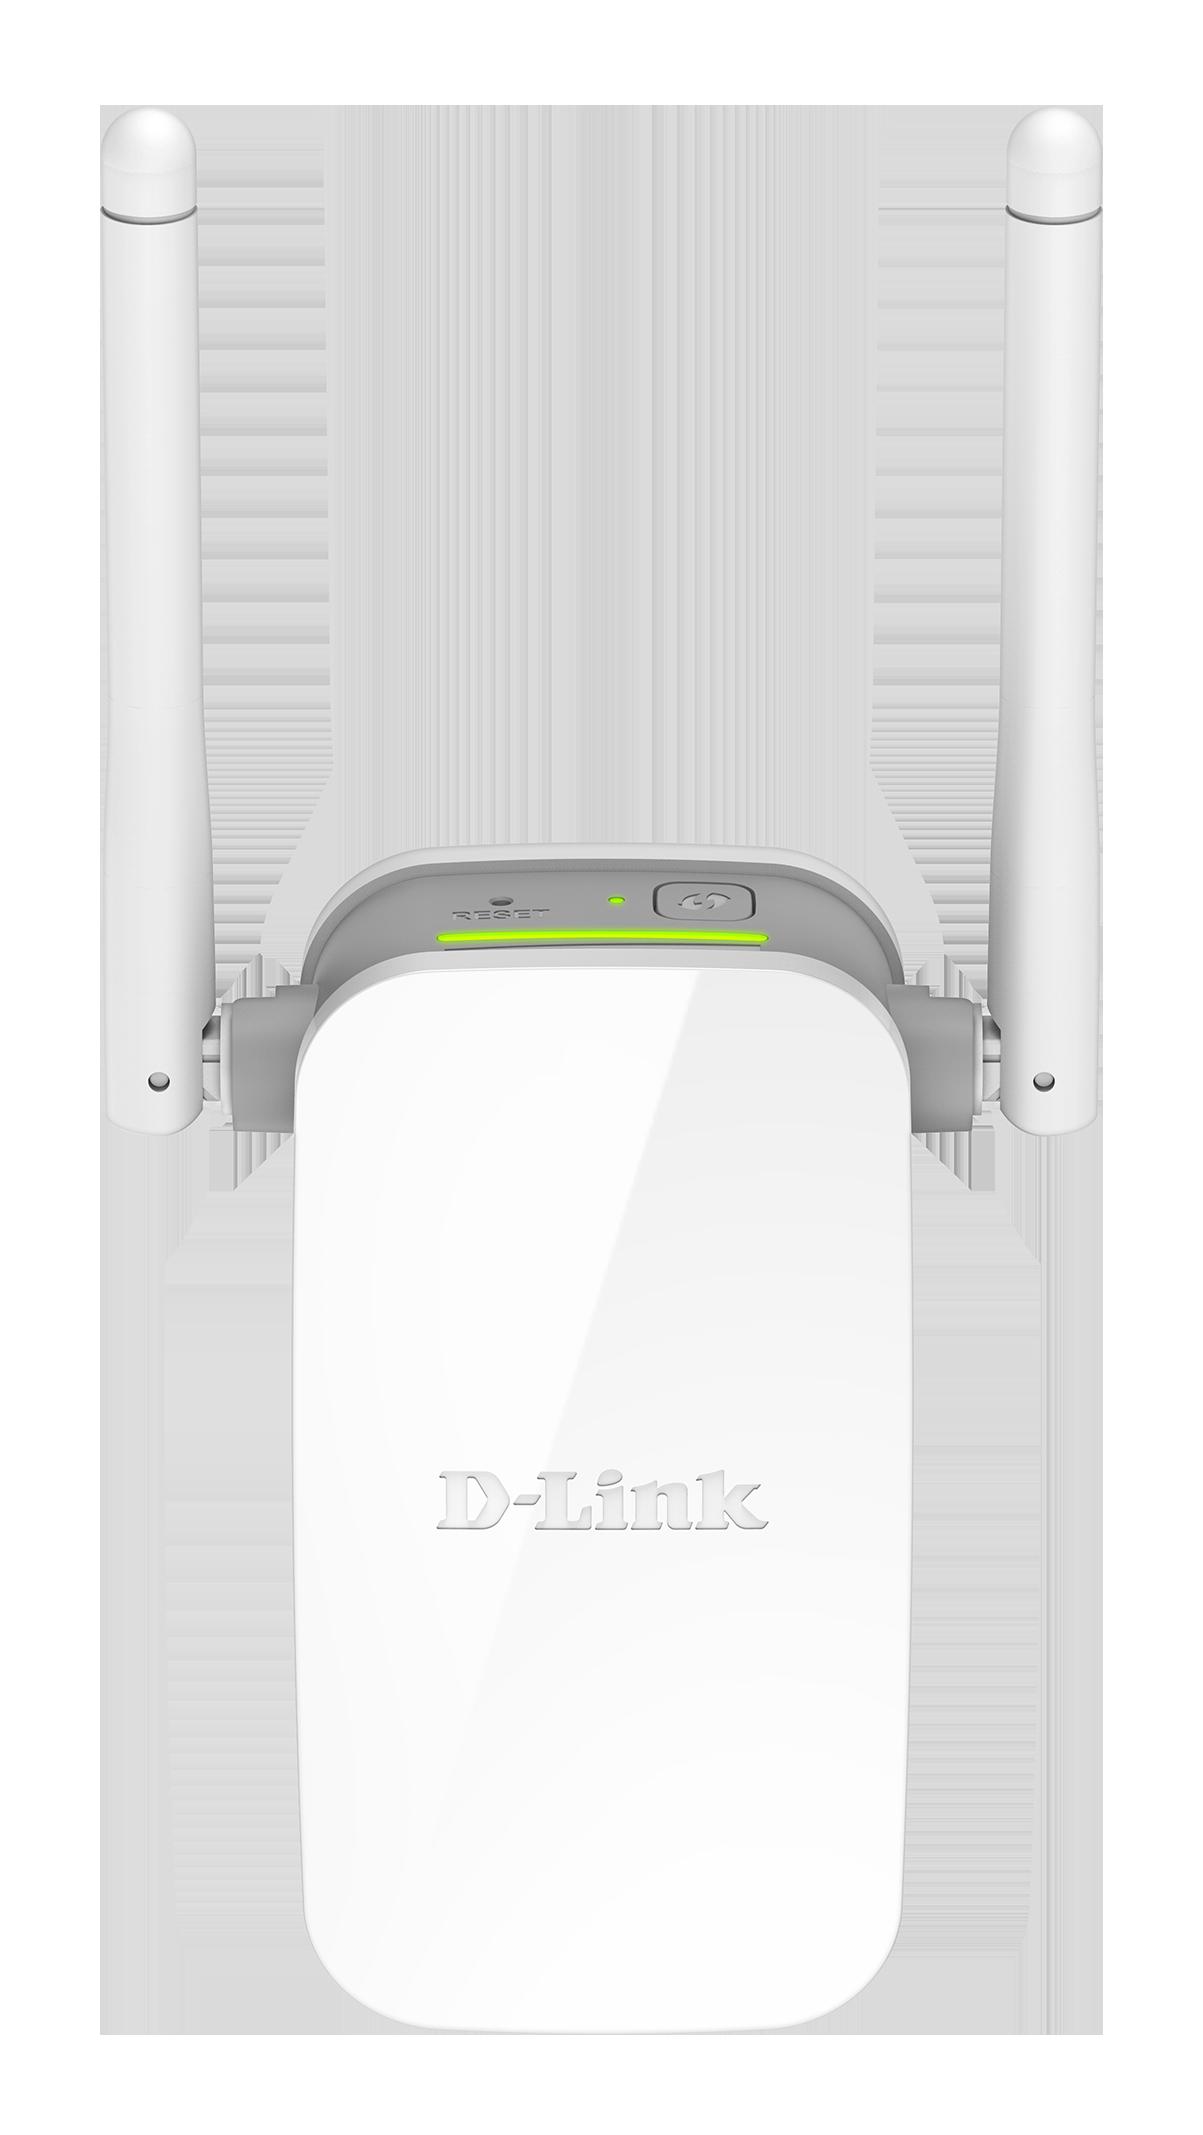 D-Link DAP-1325/E Wireless N300 Range Extender